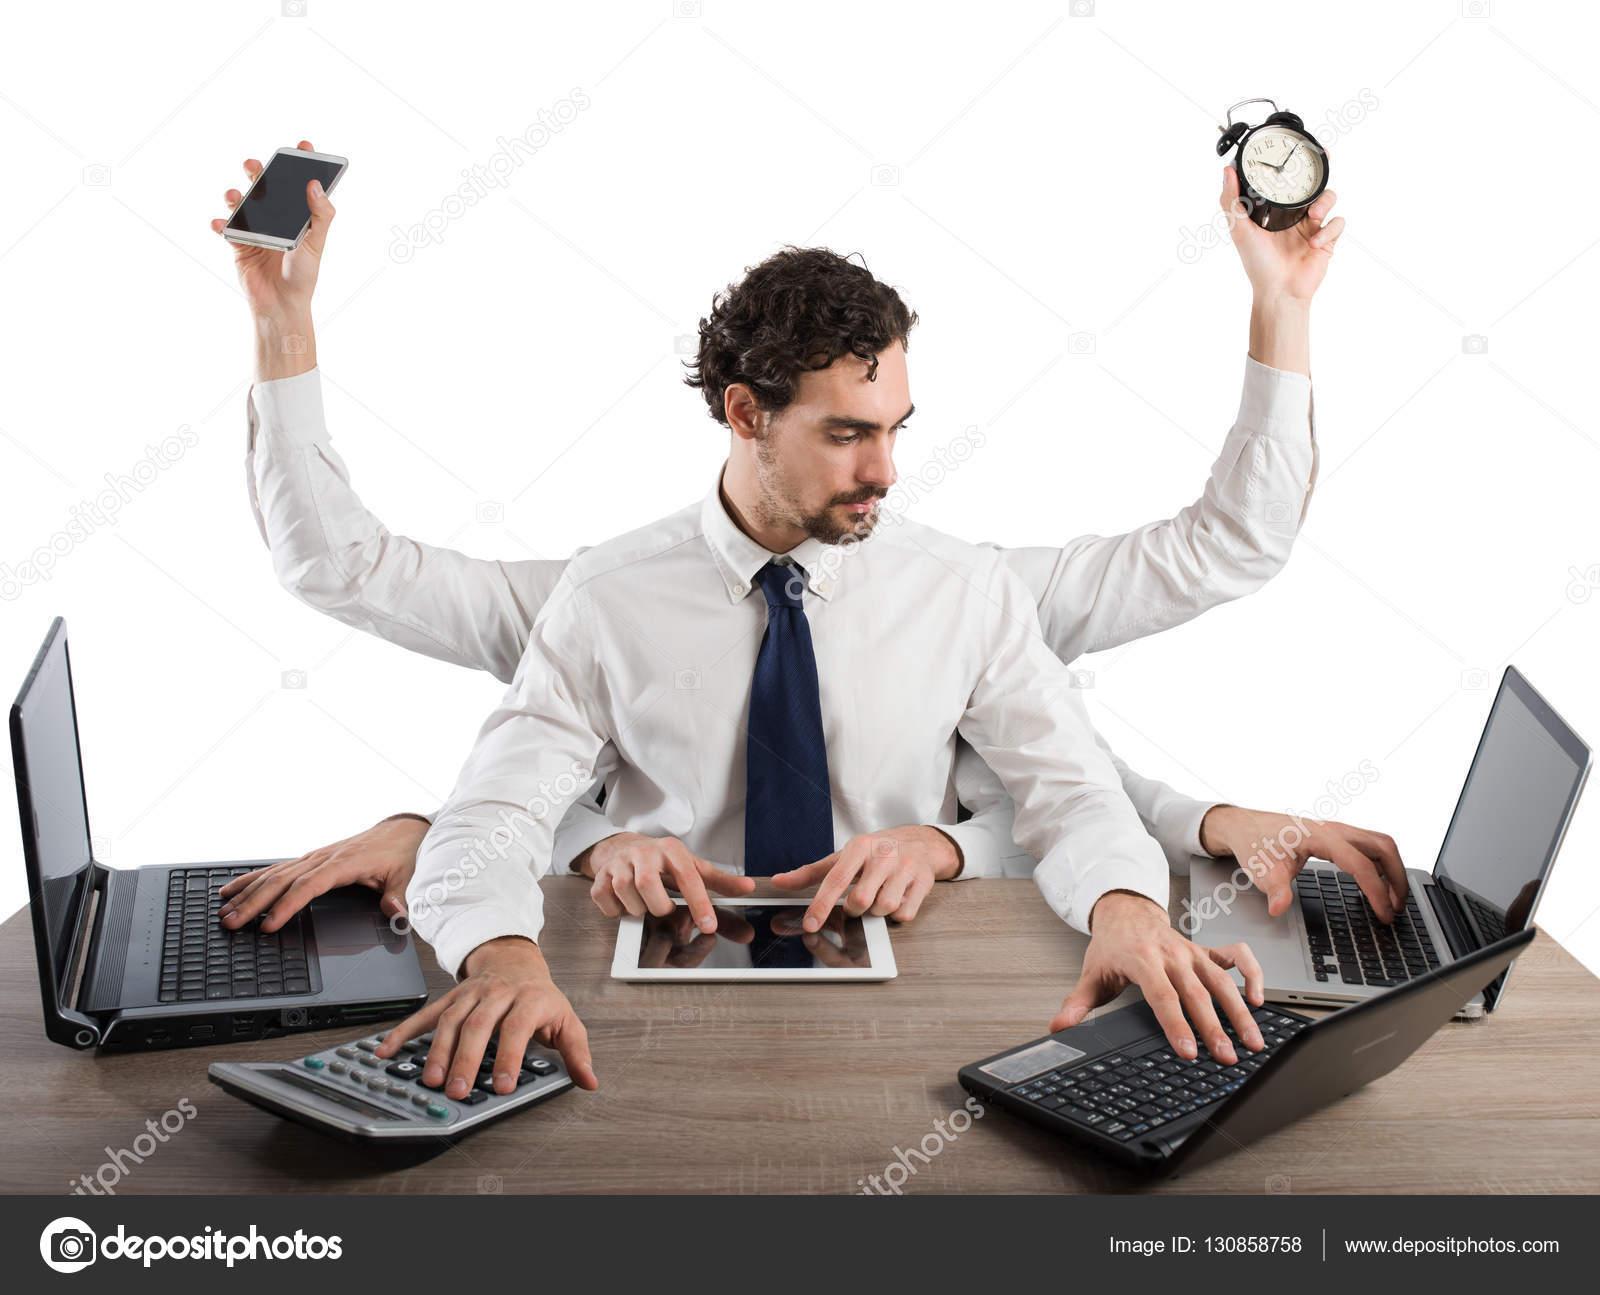 Resultado de imagem para foto de pessoa com muitas tarefas